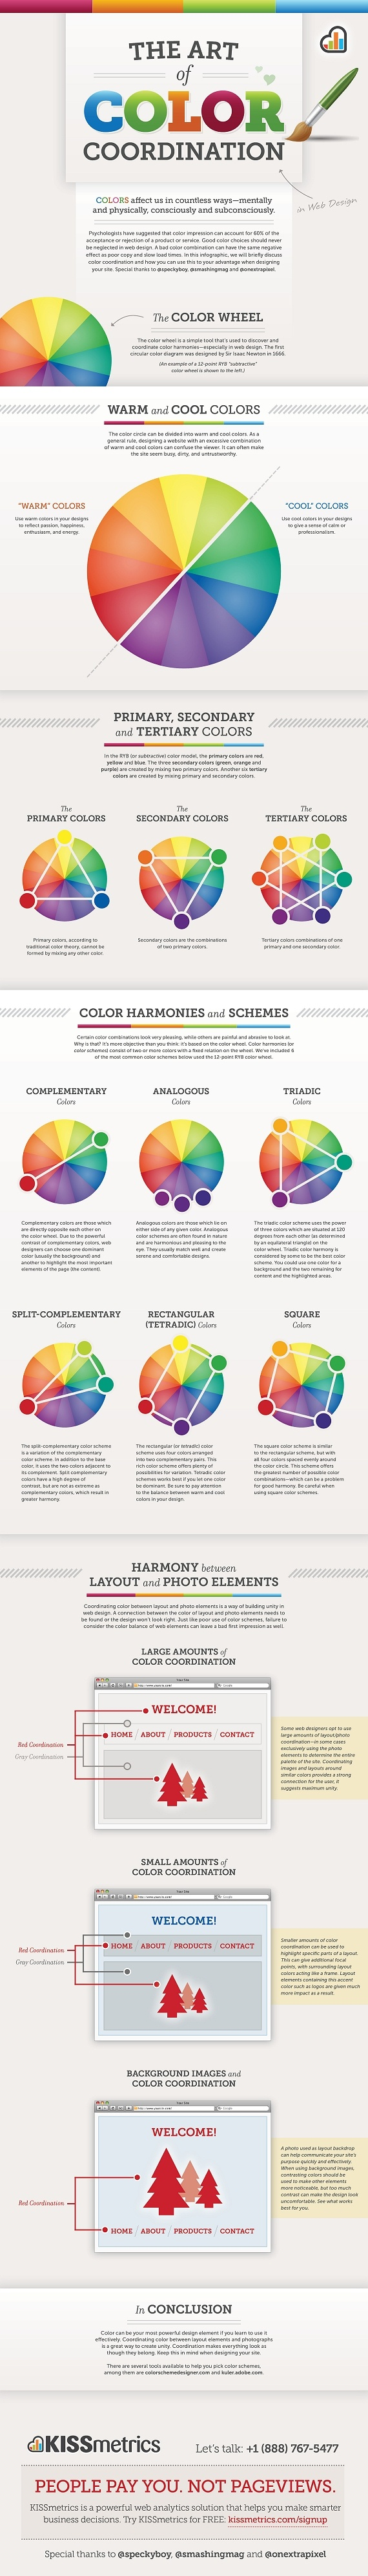 Иллюстрация к статье: Искусство сочетания цветов - яркий путь к высокой конверсии